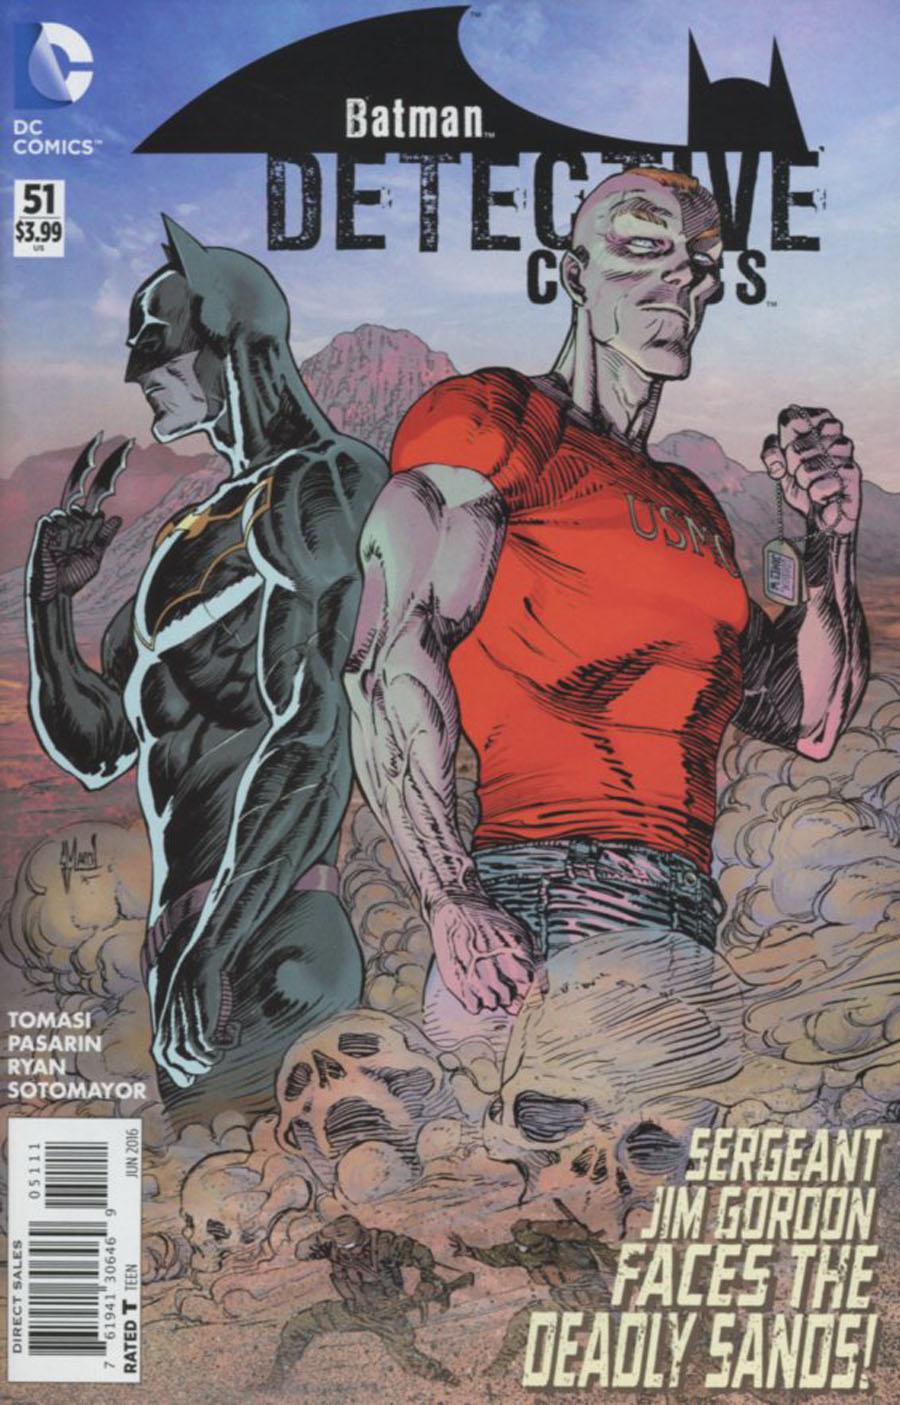 Detective Comics Vol 2 #51 Cover A Regular Guillem March Cover